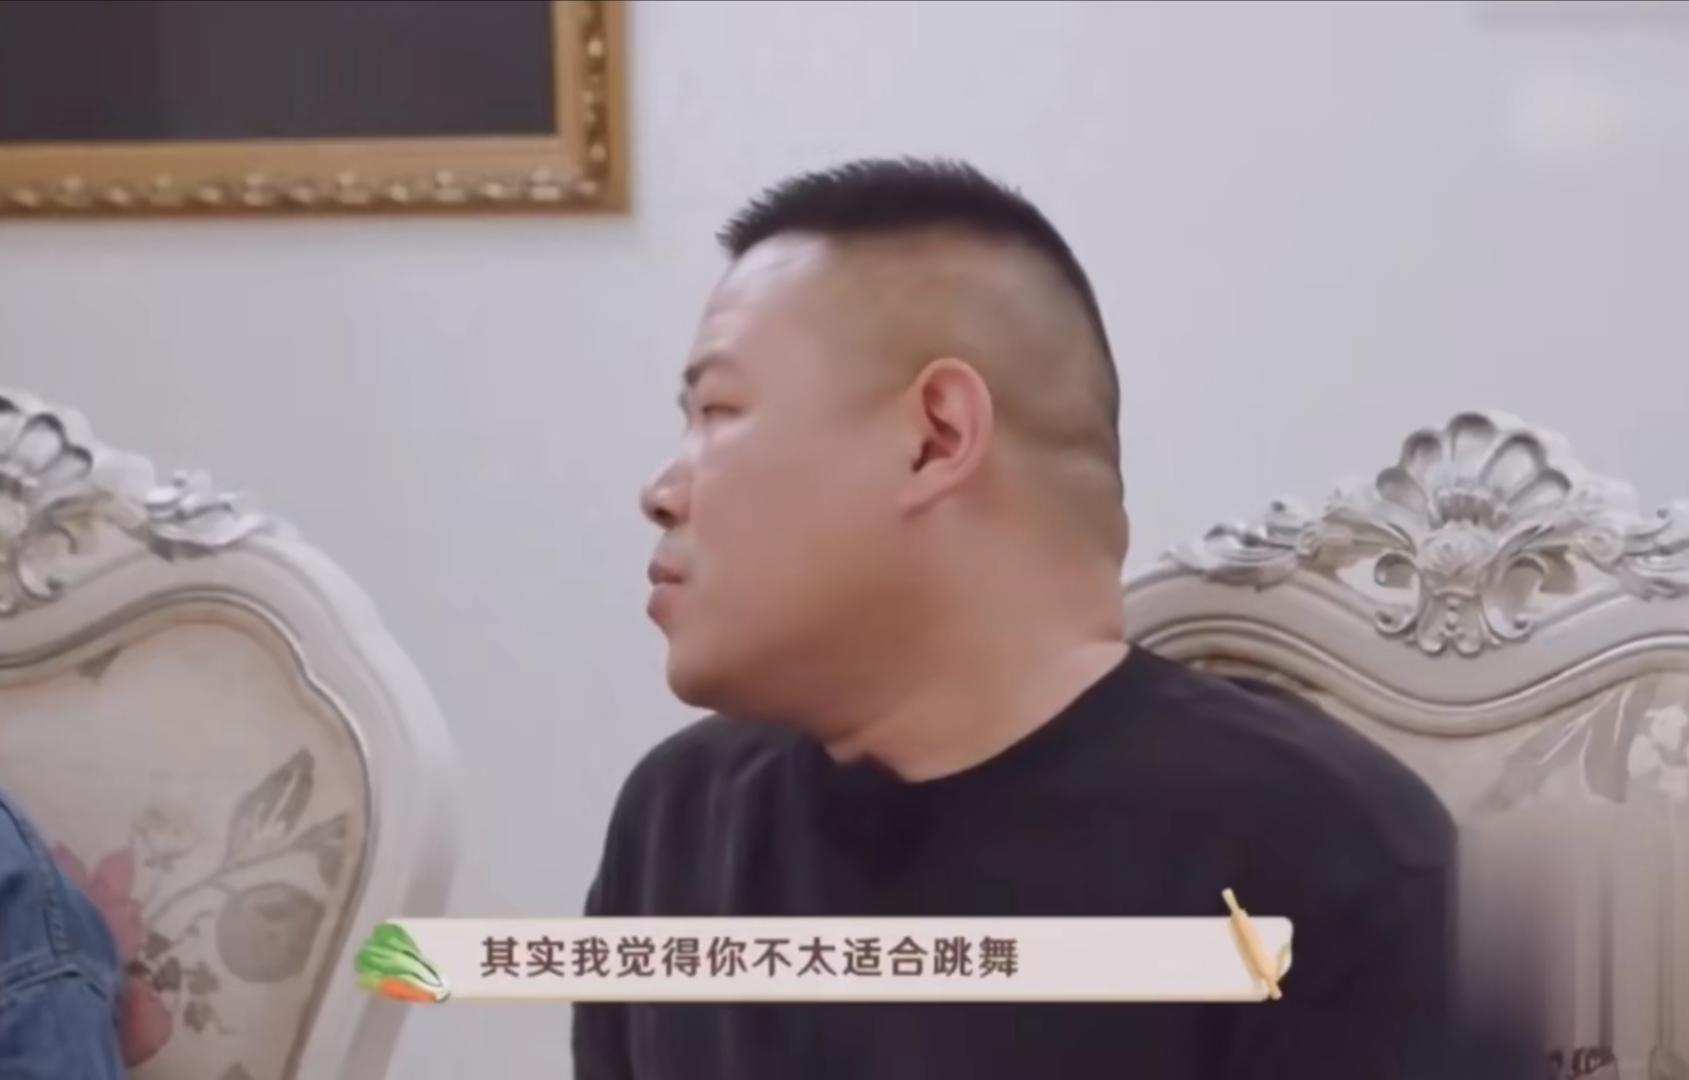 岳云鹏说李斯丹妮腿粗不适合跳舞-第1张图片-IT新视野